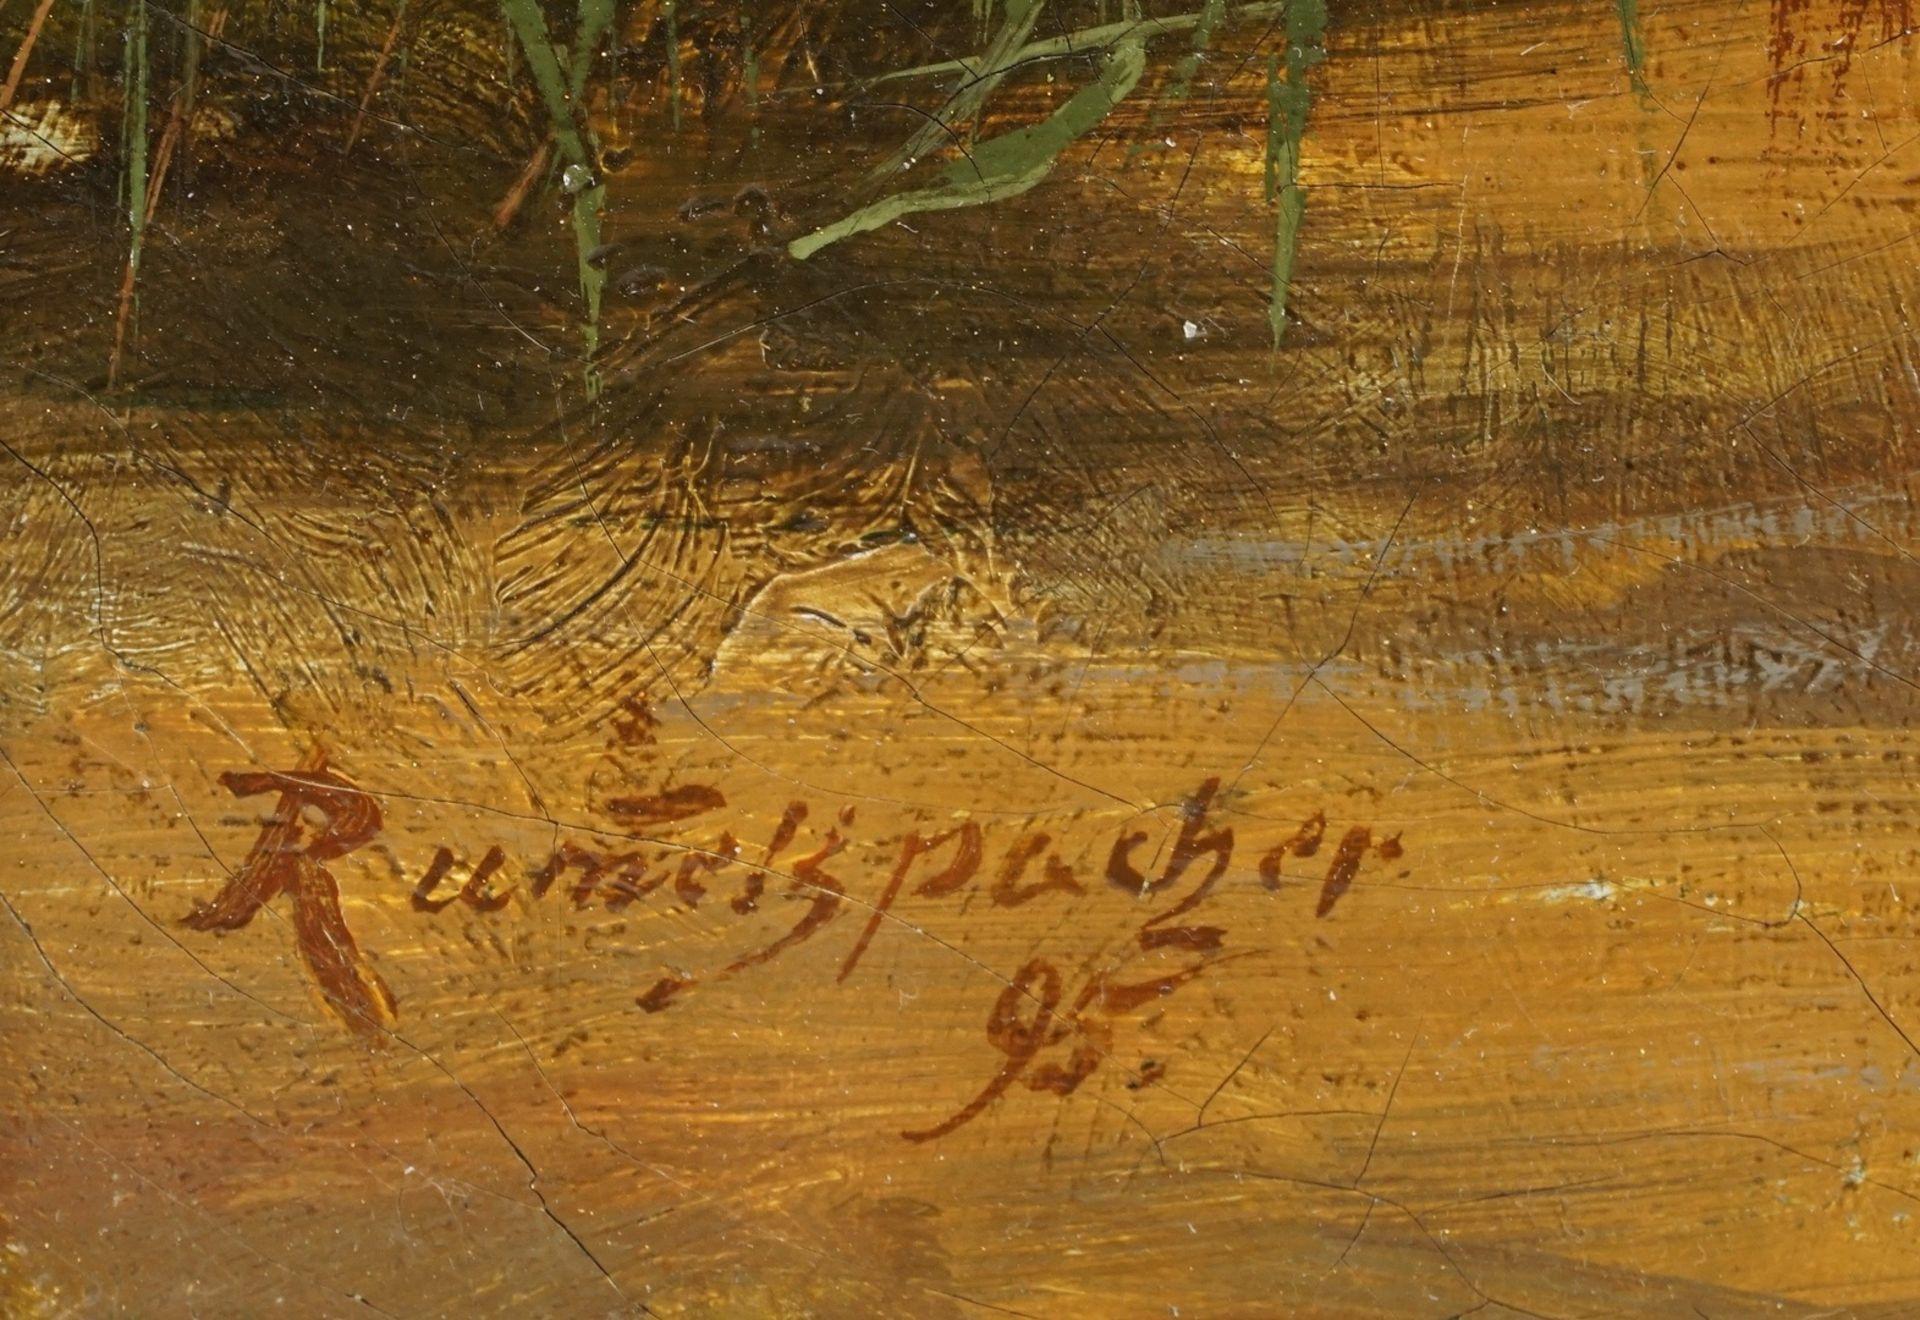 Joseph Rummelspacher, Waldinneres mit kleinem Bachlauf - Bild 4 aus 4